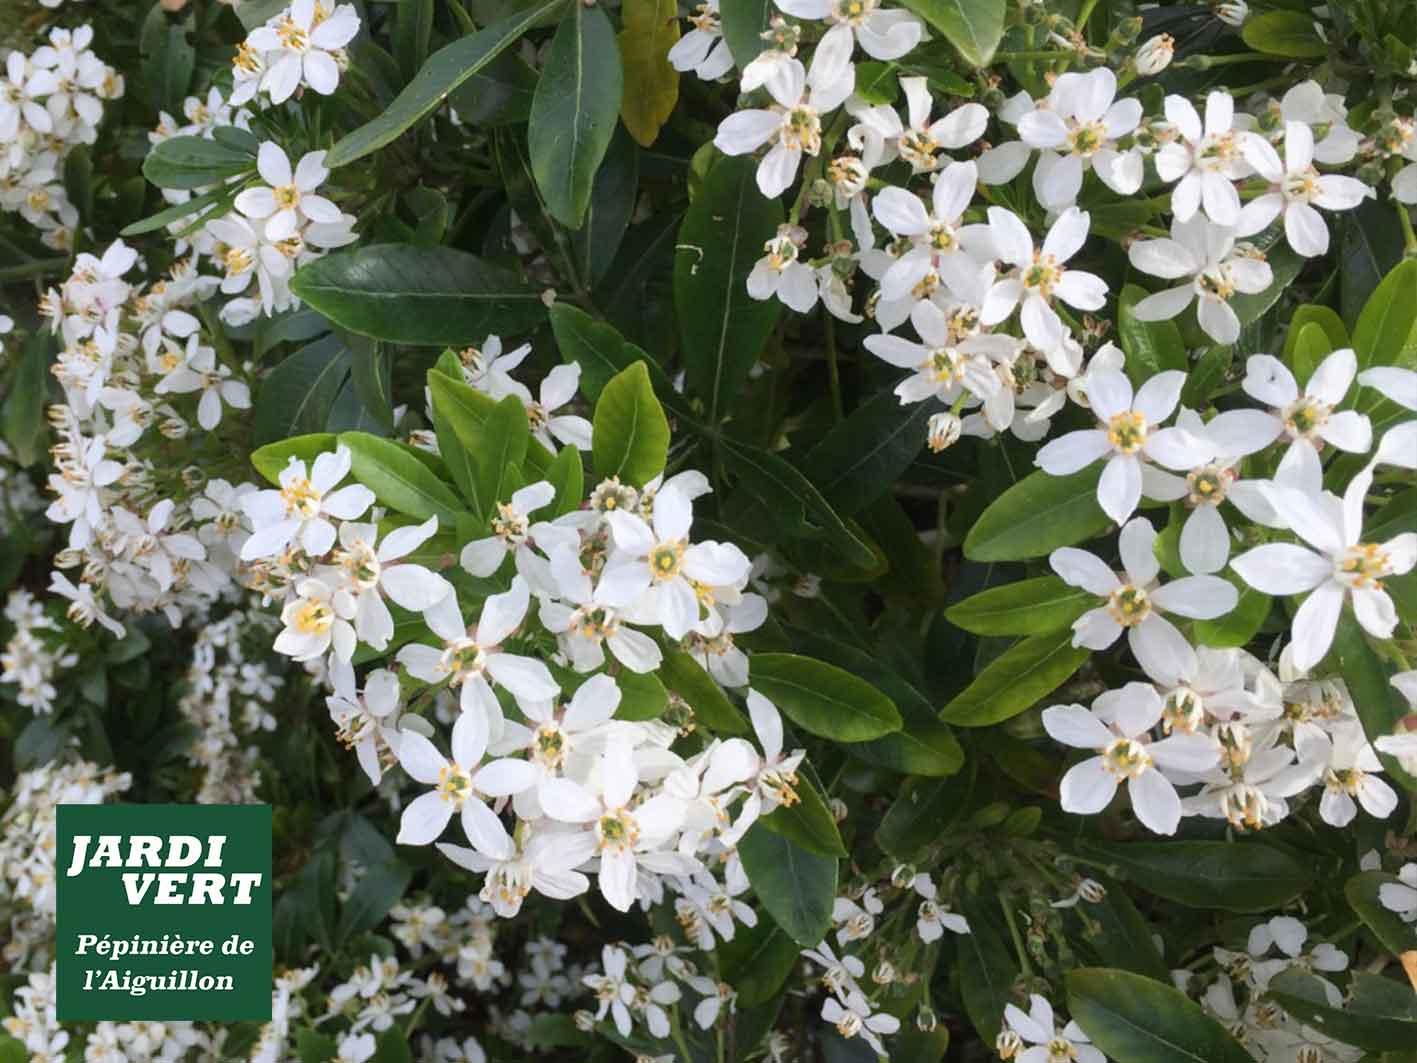 Installer un oranger du Mexique ou choisya ternata au jardin - Pépinière de l'Aiguillon Toulouse